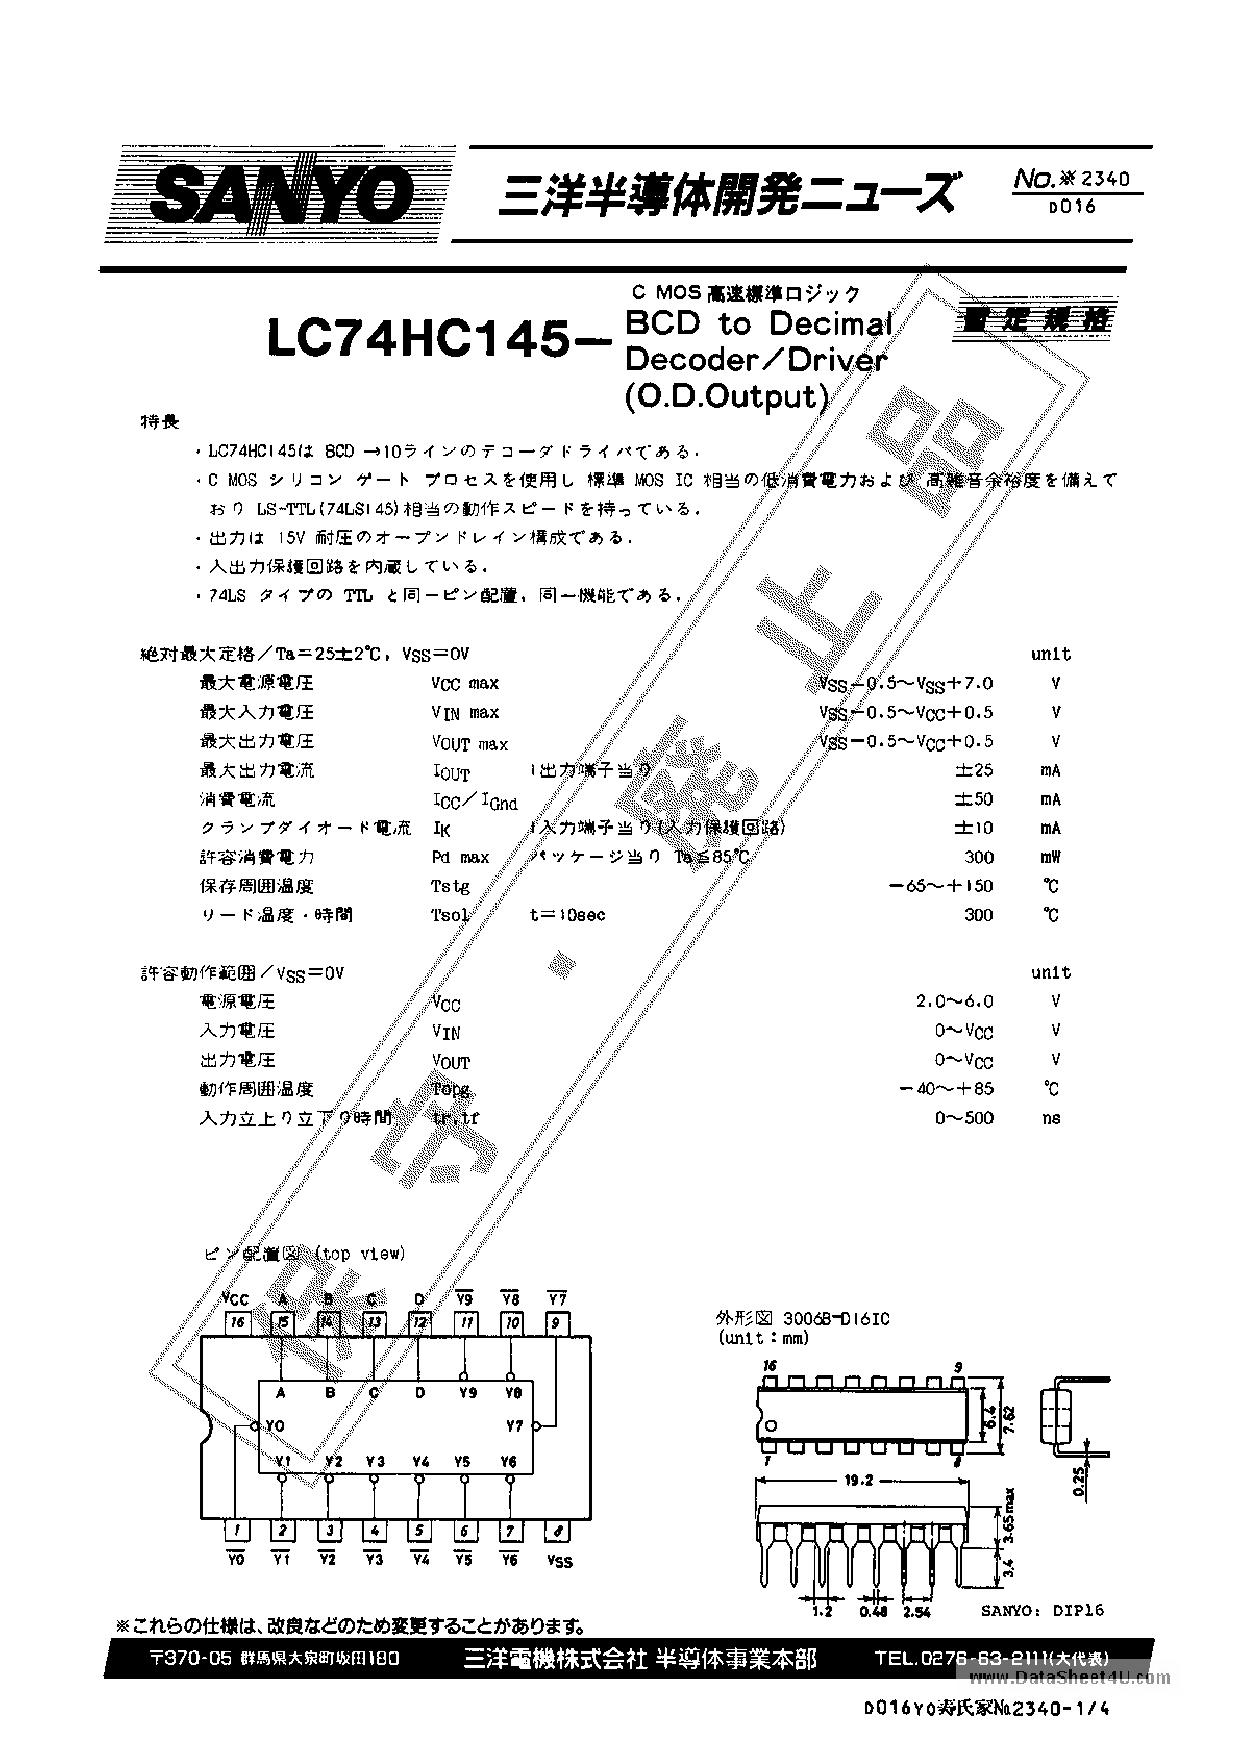 74HC145 image